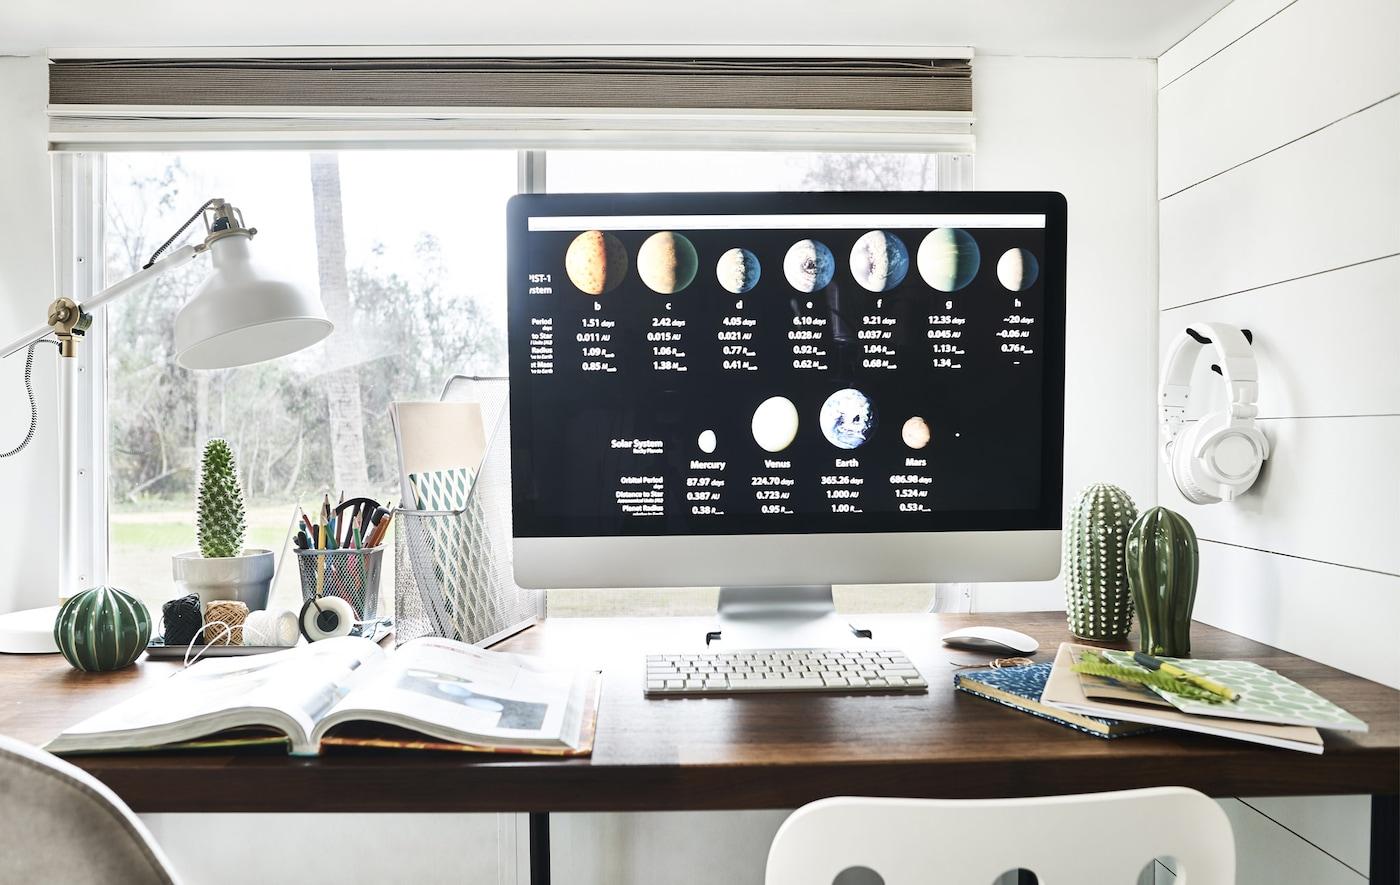 Monitor per computer su una scrivania con quaderni, portariviste e una lampada - IKEA